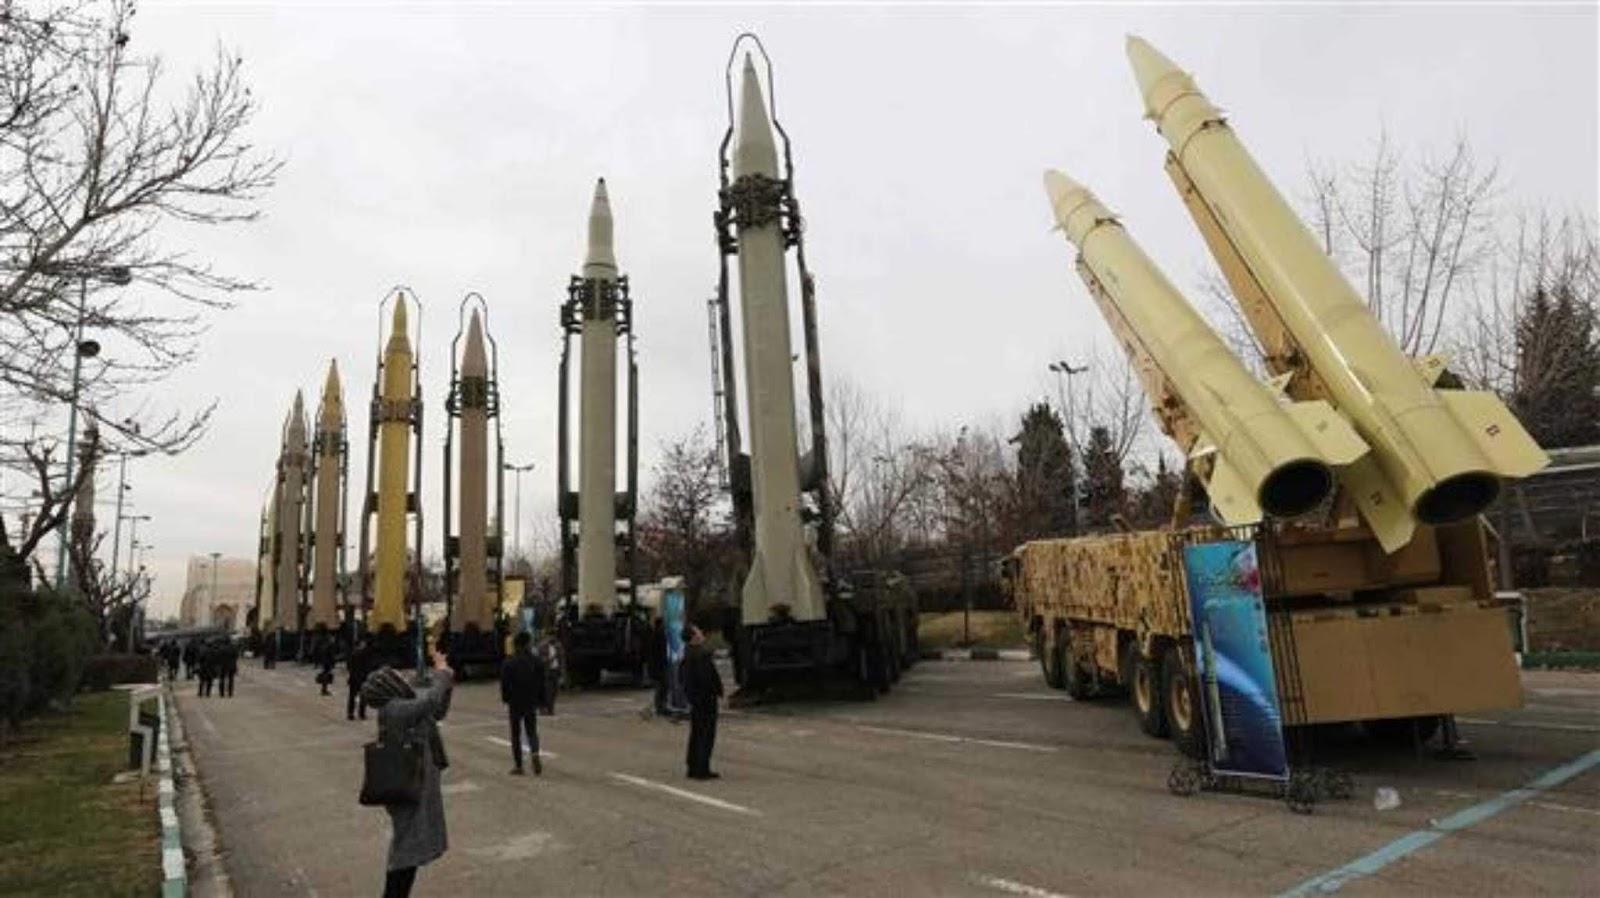 Prancis bermaksud mendukung kesepakatan nuklir dengan Iran